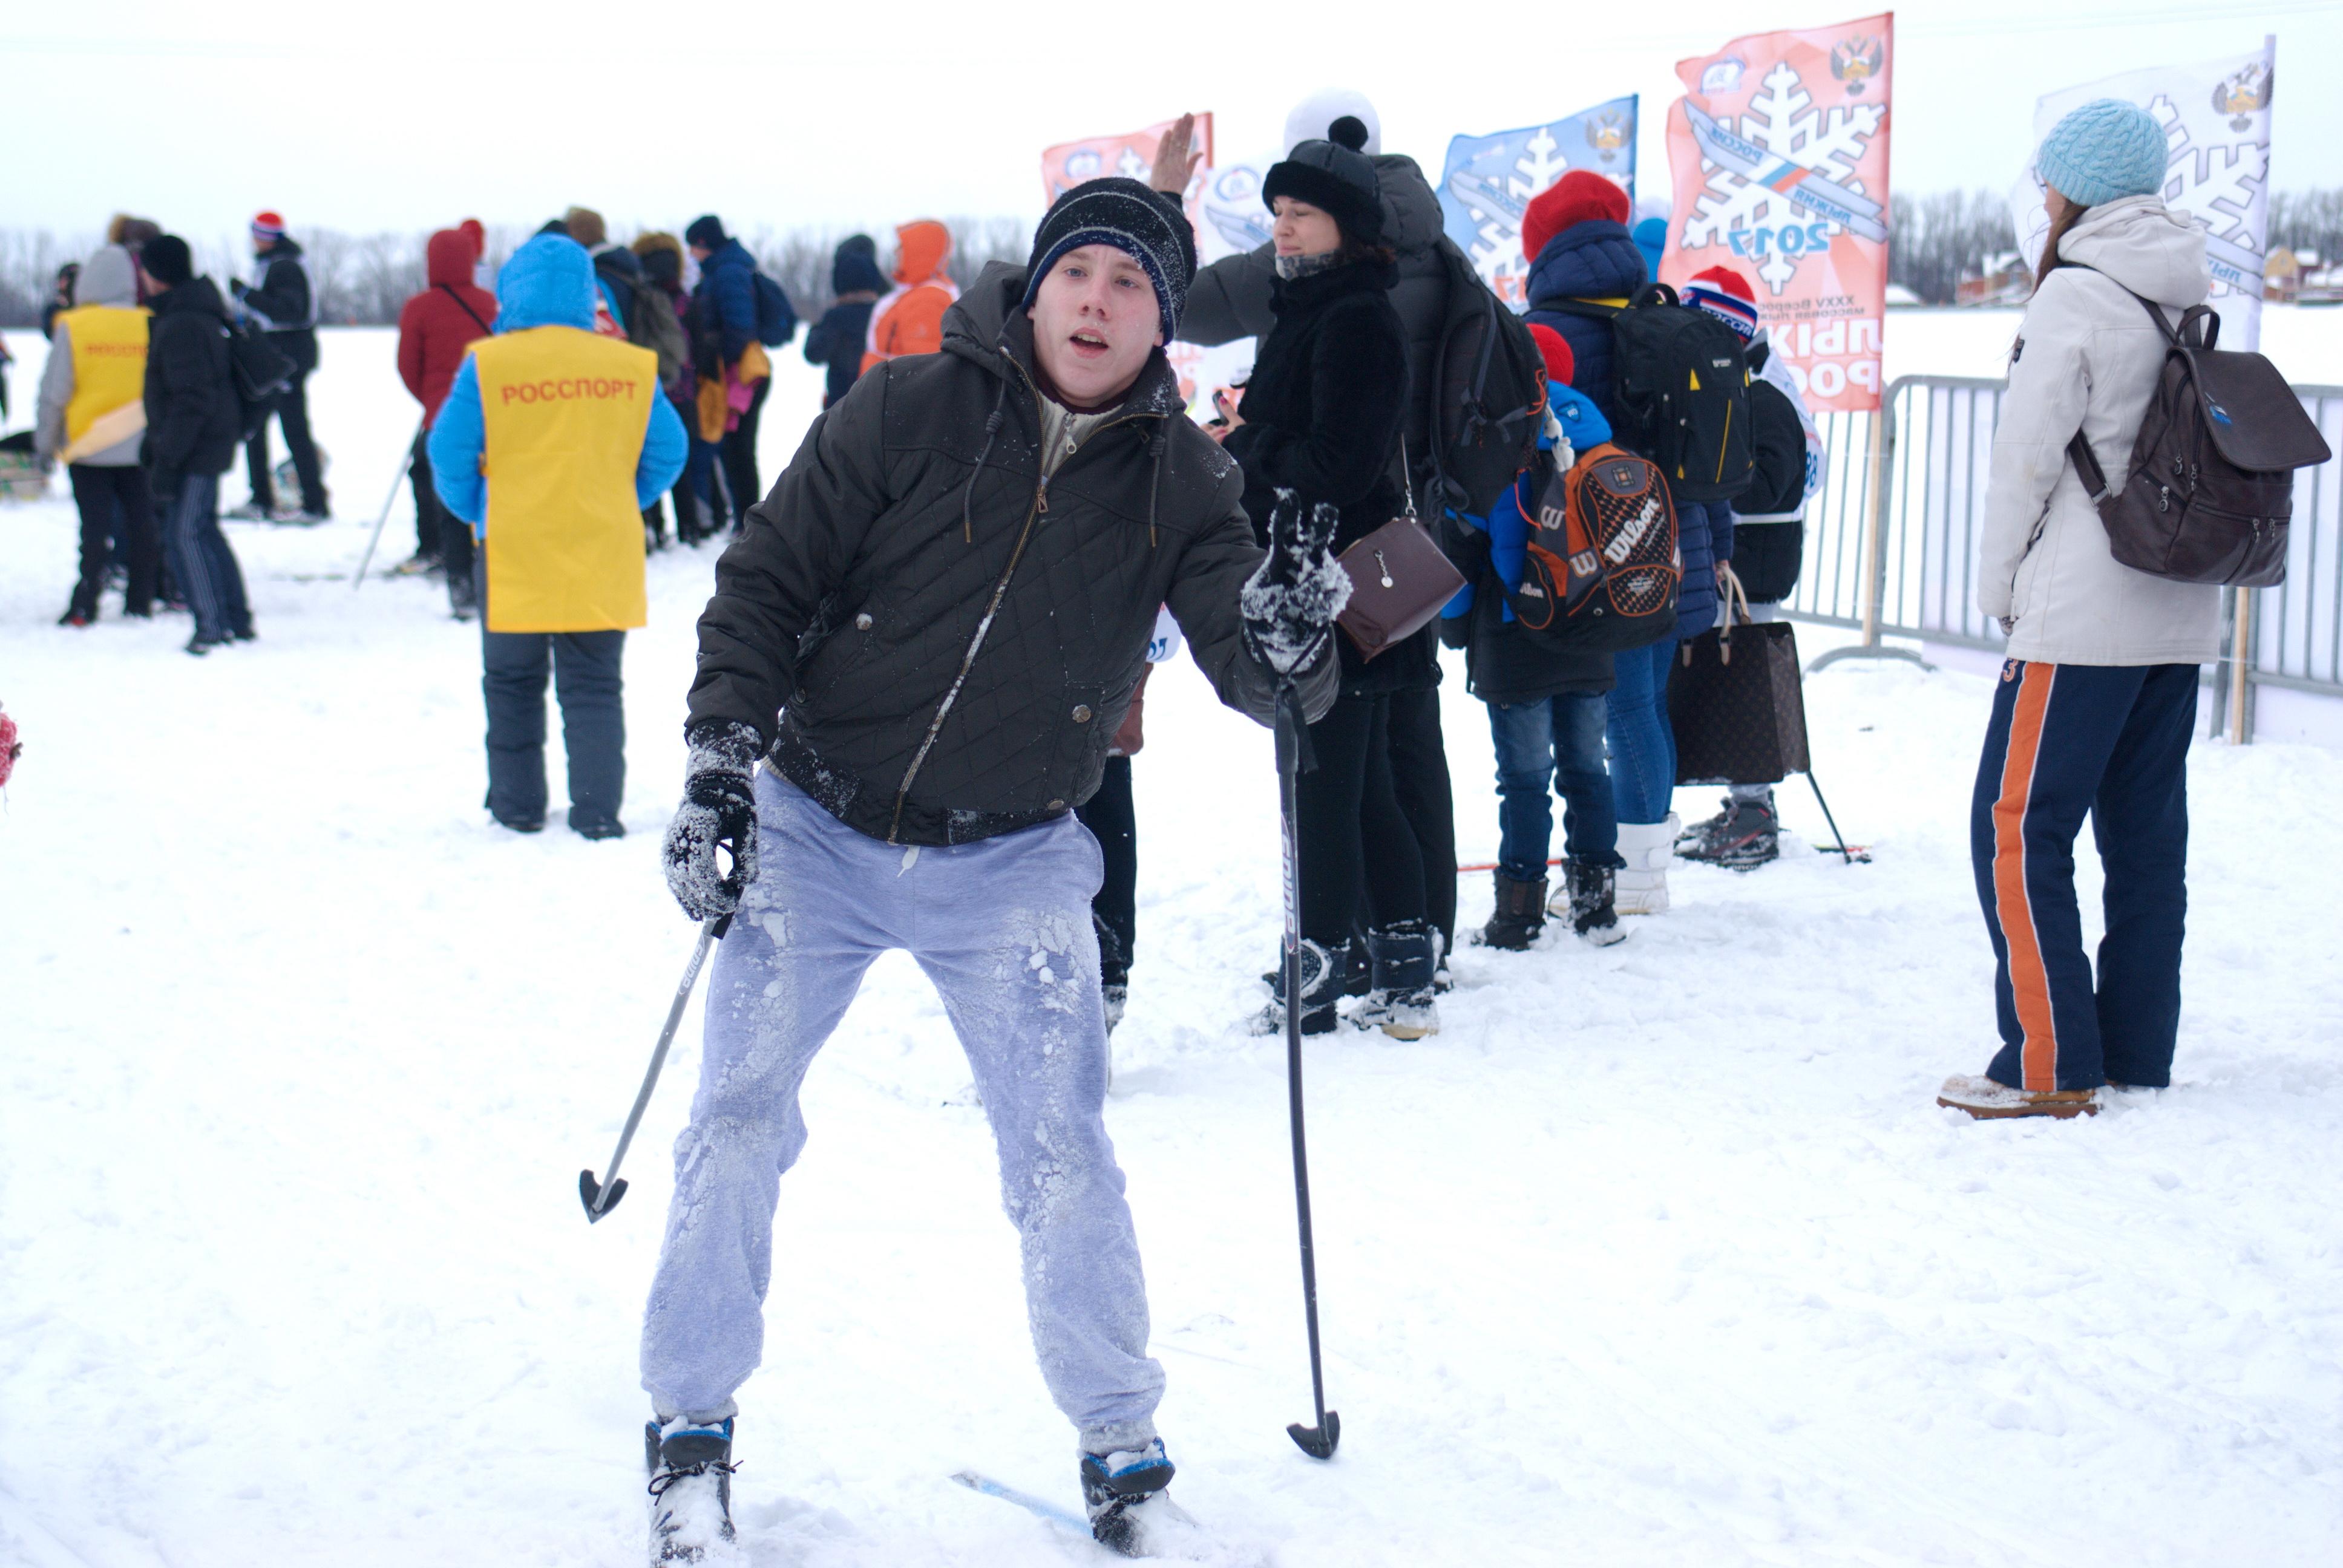 Лыжня-фото Марии Беляковой6